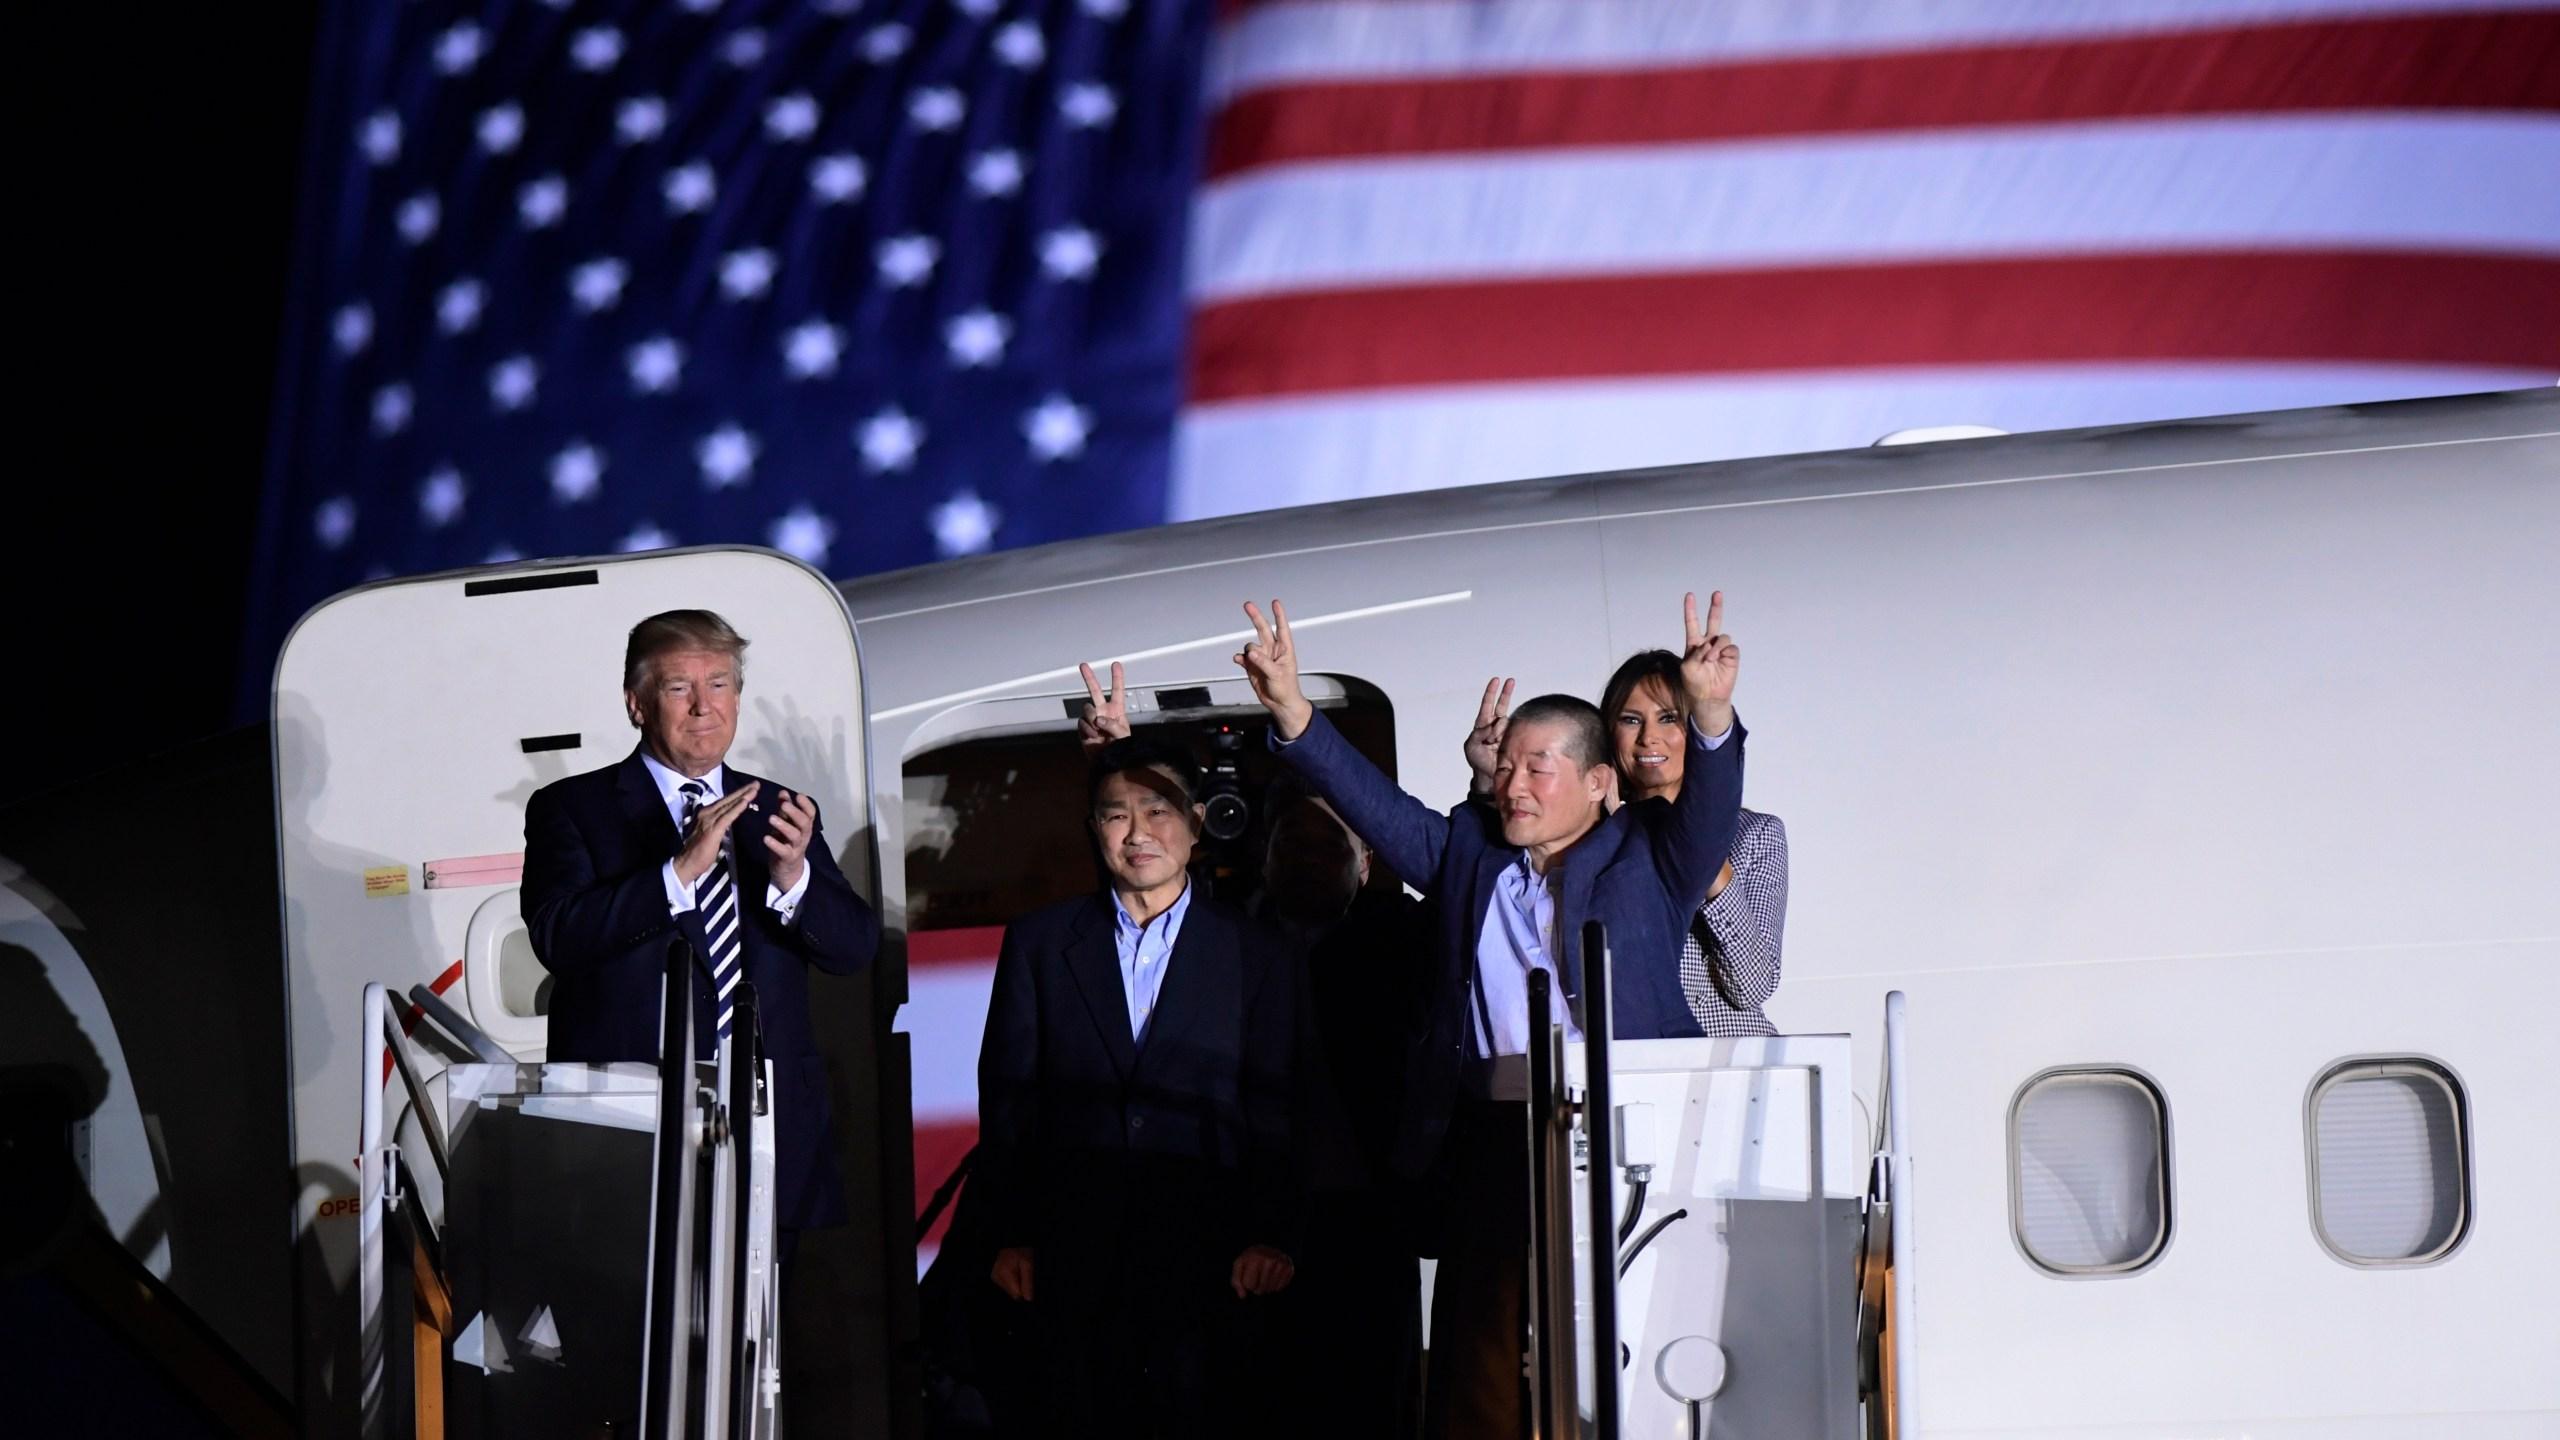 APTOPIX_Trump_North_Korea_30354-159532.jpg77868436